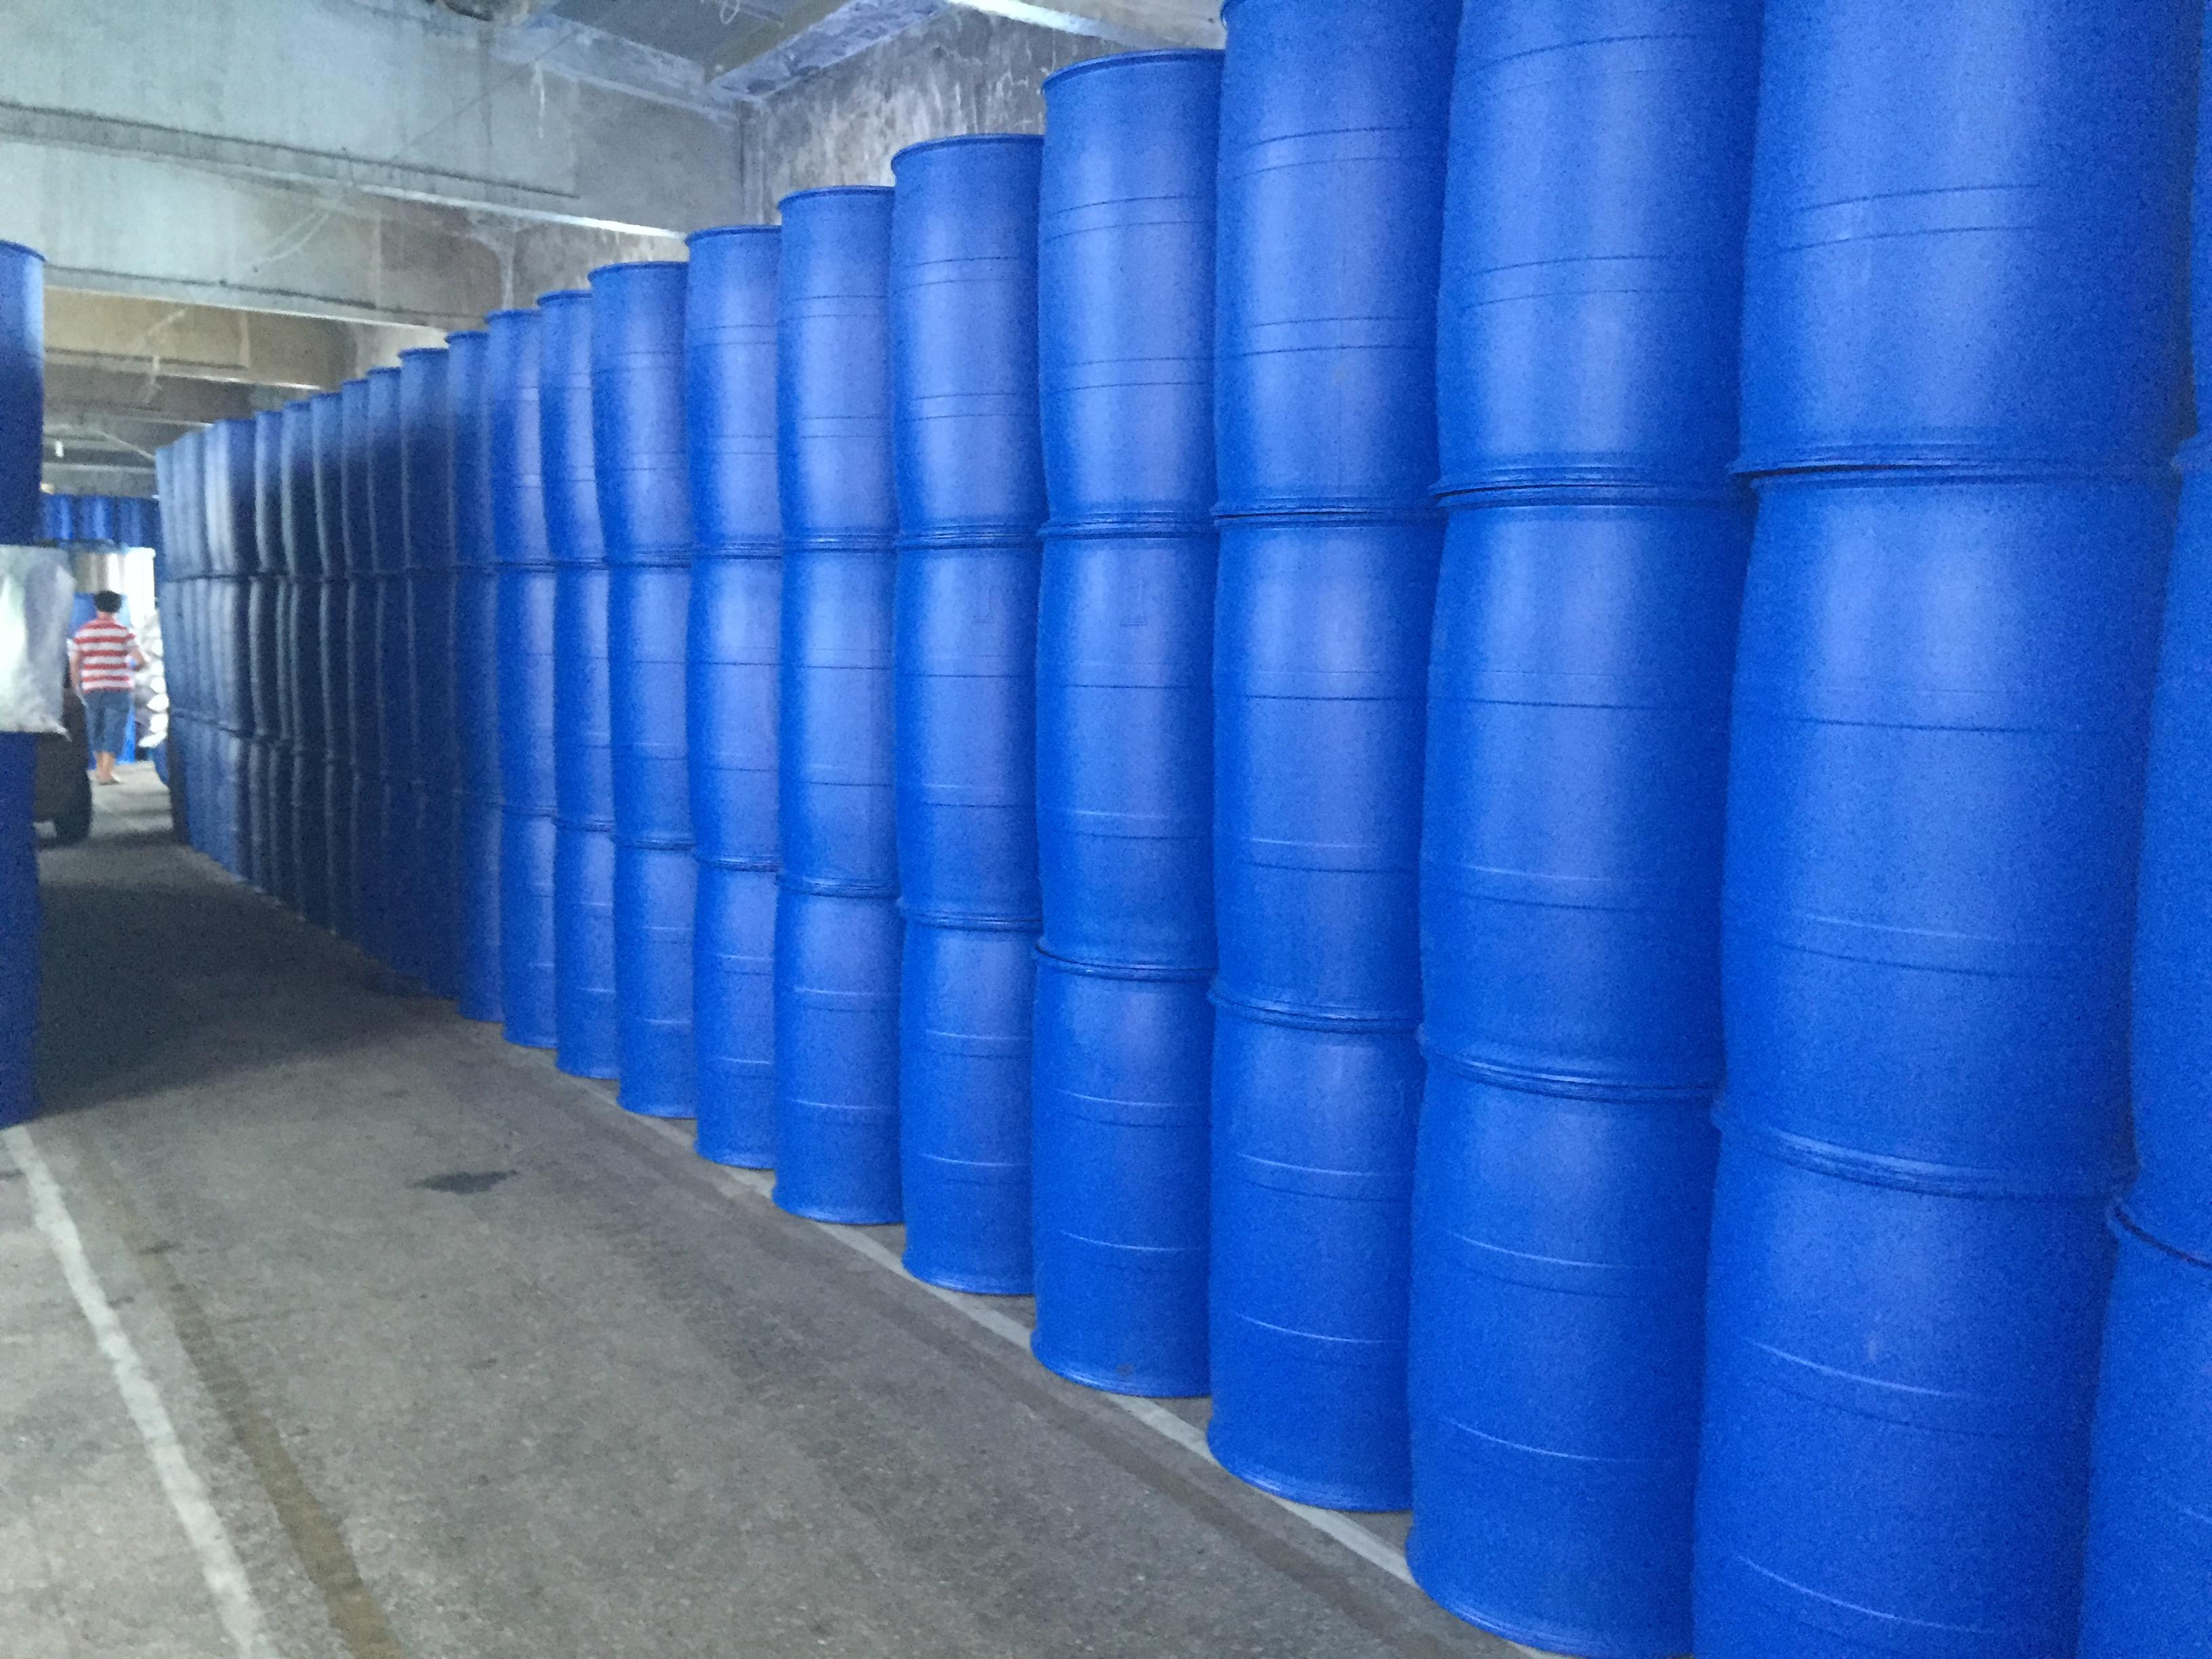 河南双层单色塑料桶生产厂家|河南200L双层单色塑料桶价格|河南200L双层单色塑料桶批发商